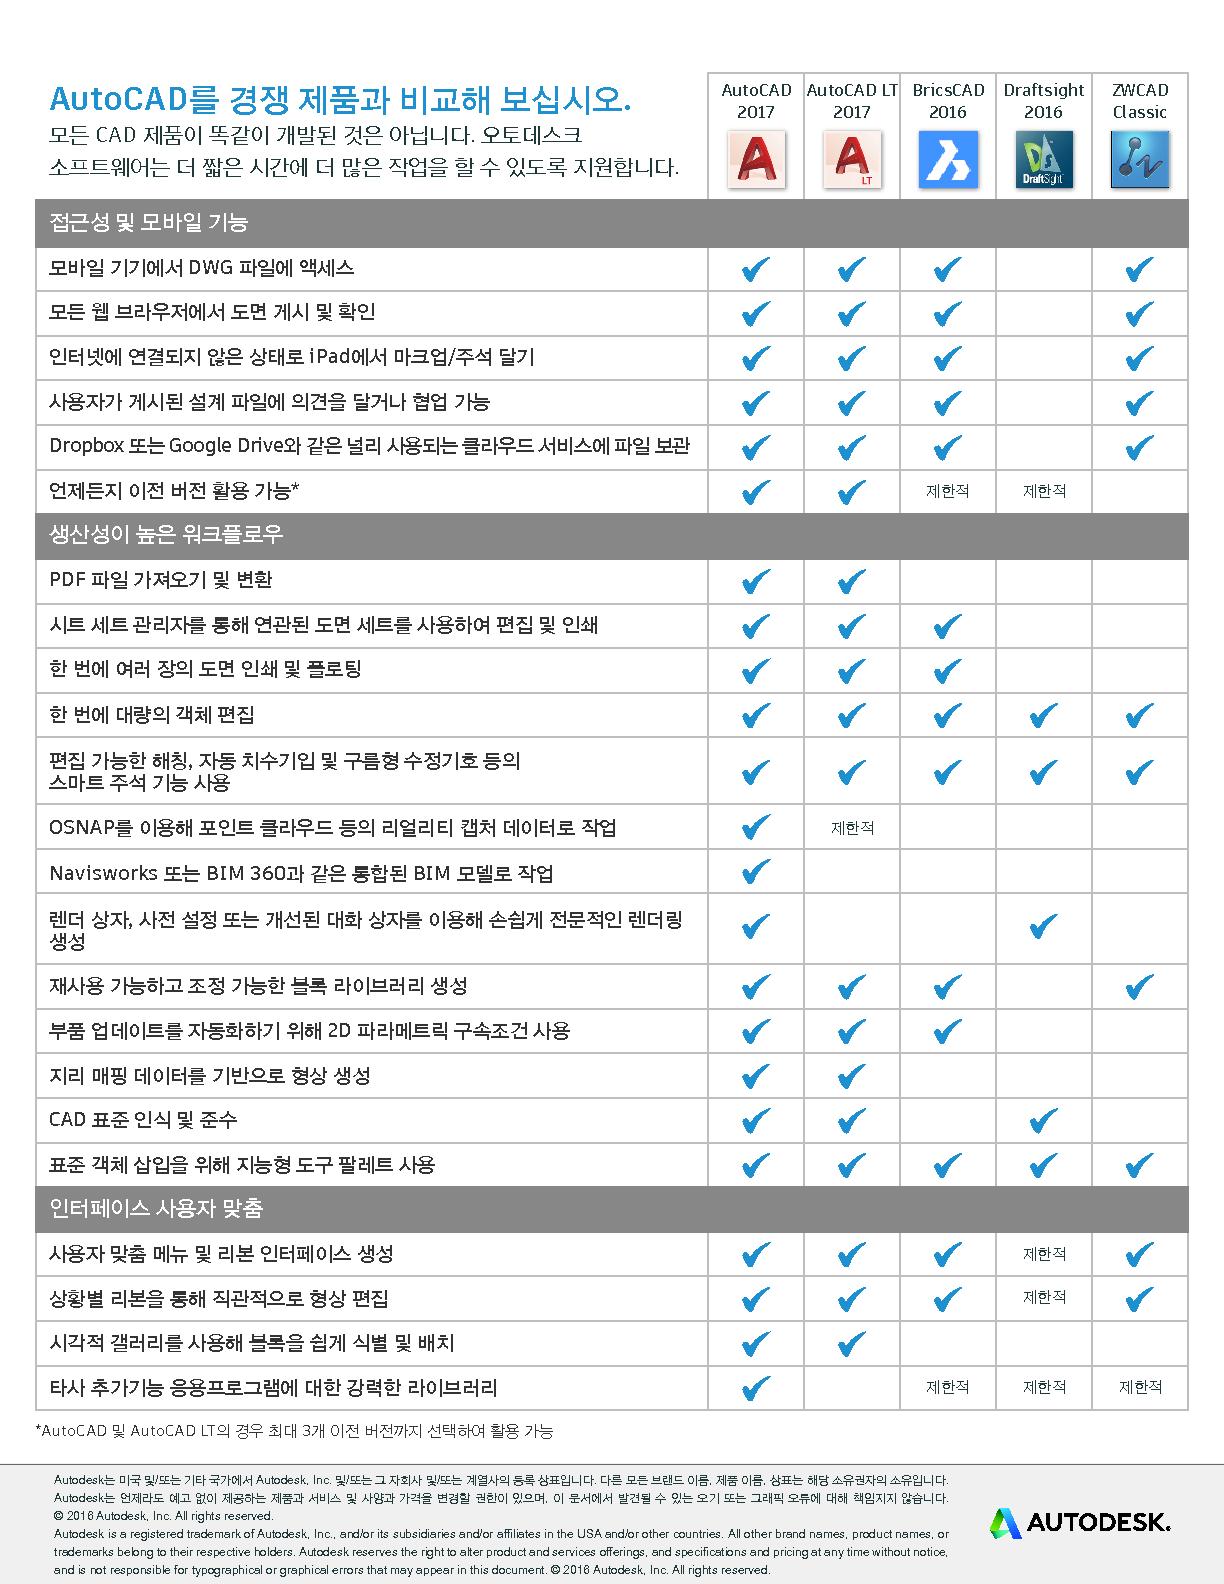 autocad-autocad-lt-2017-competitive-comparison-kr_3